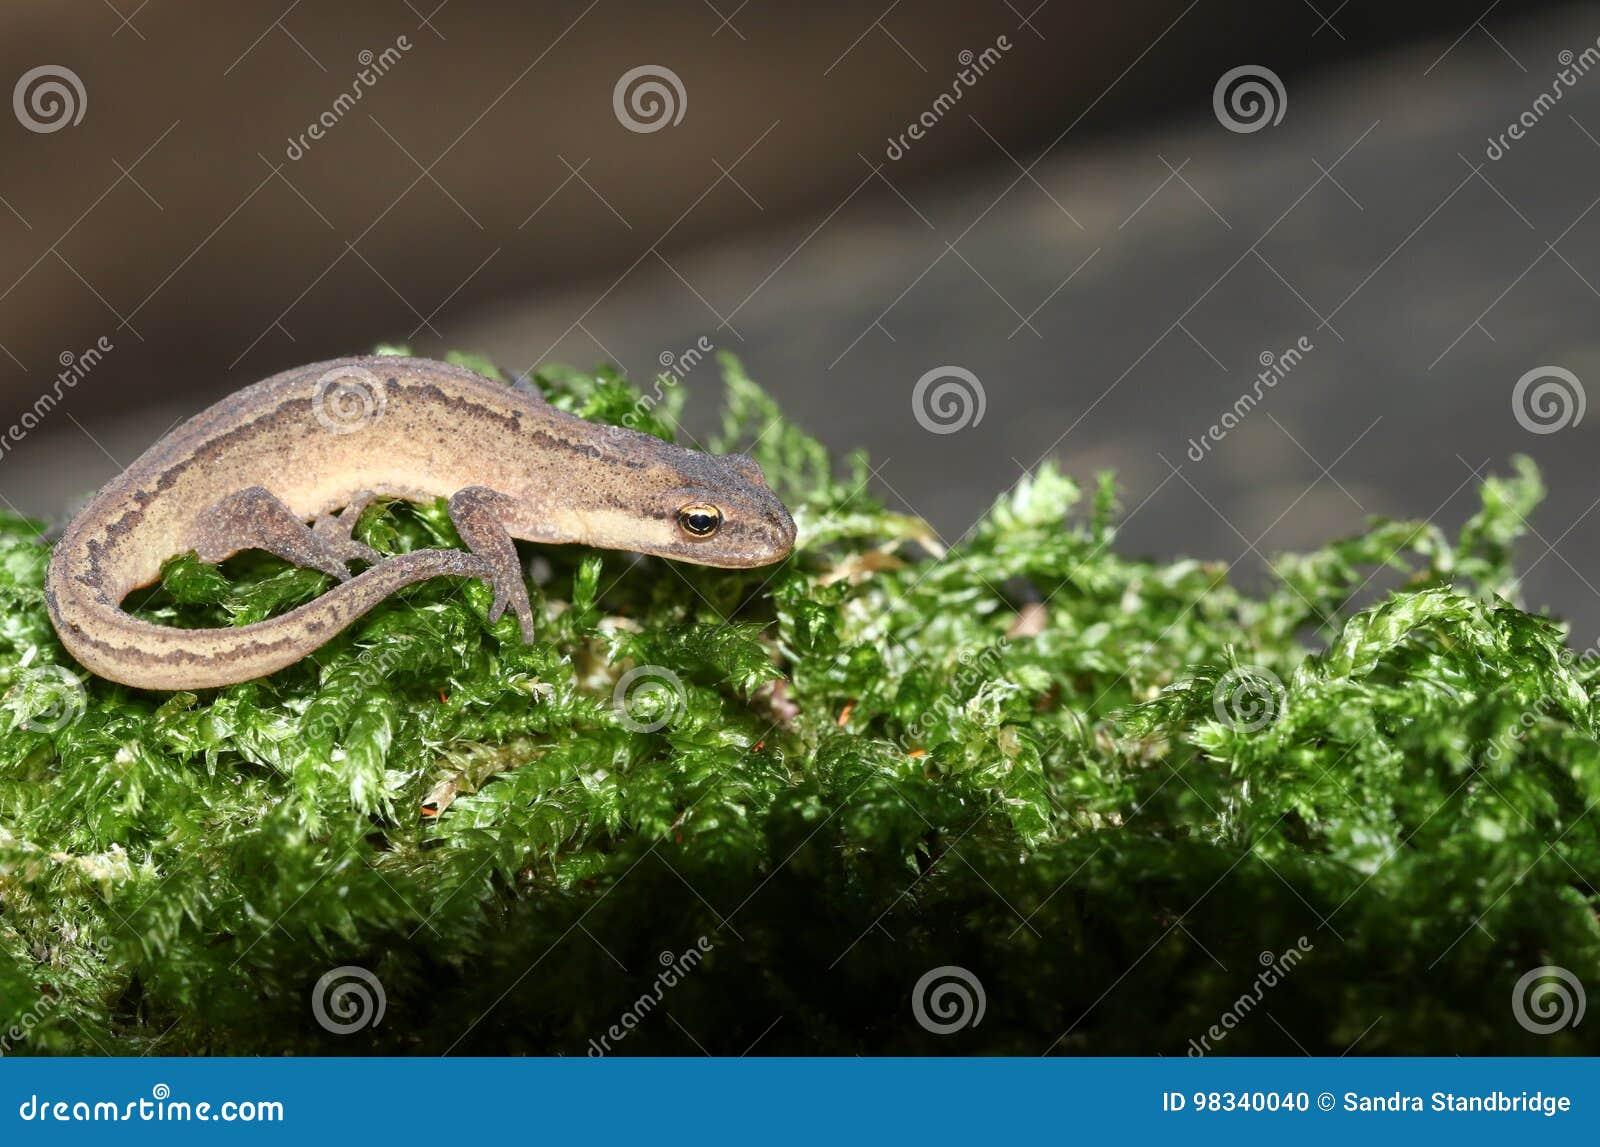 Un triton lisse également connu sous le nom de chasse vulgaris commune de Newt Lissotriton dans la mousse